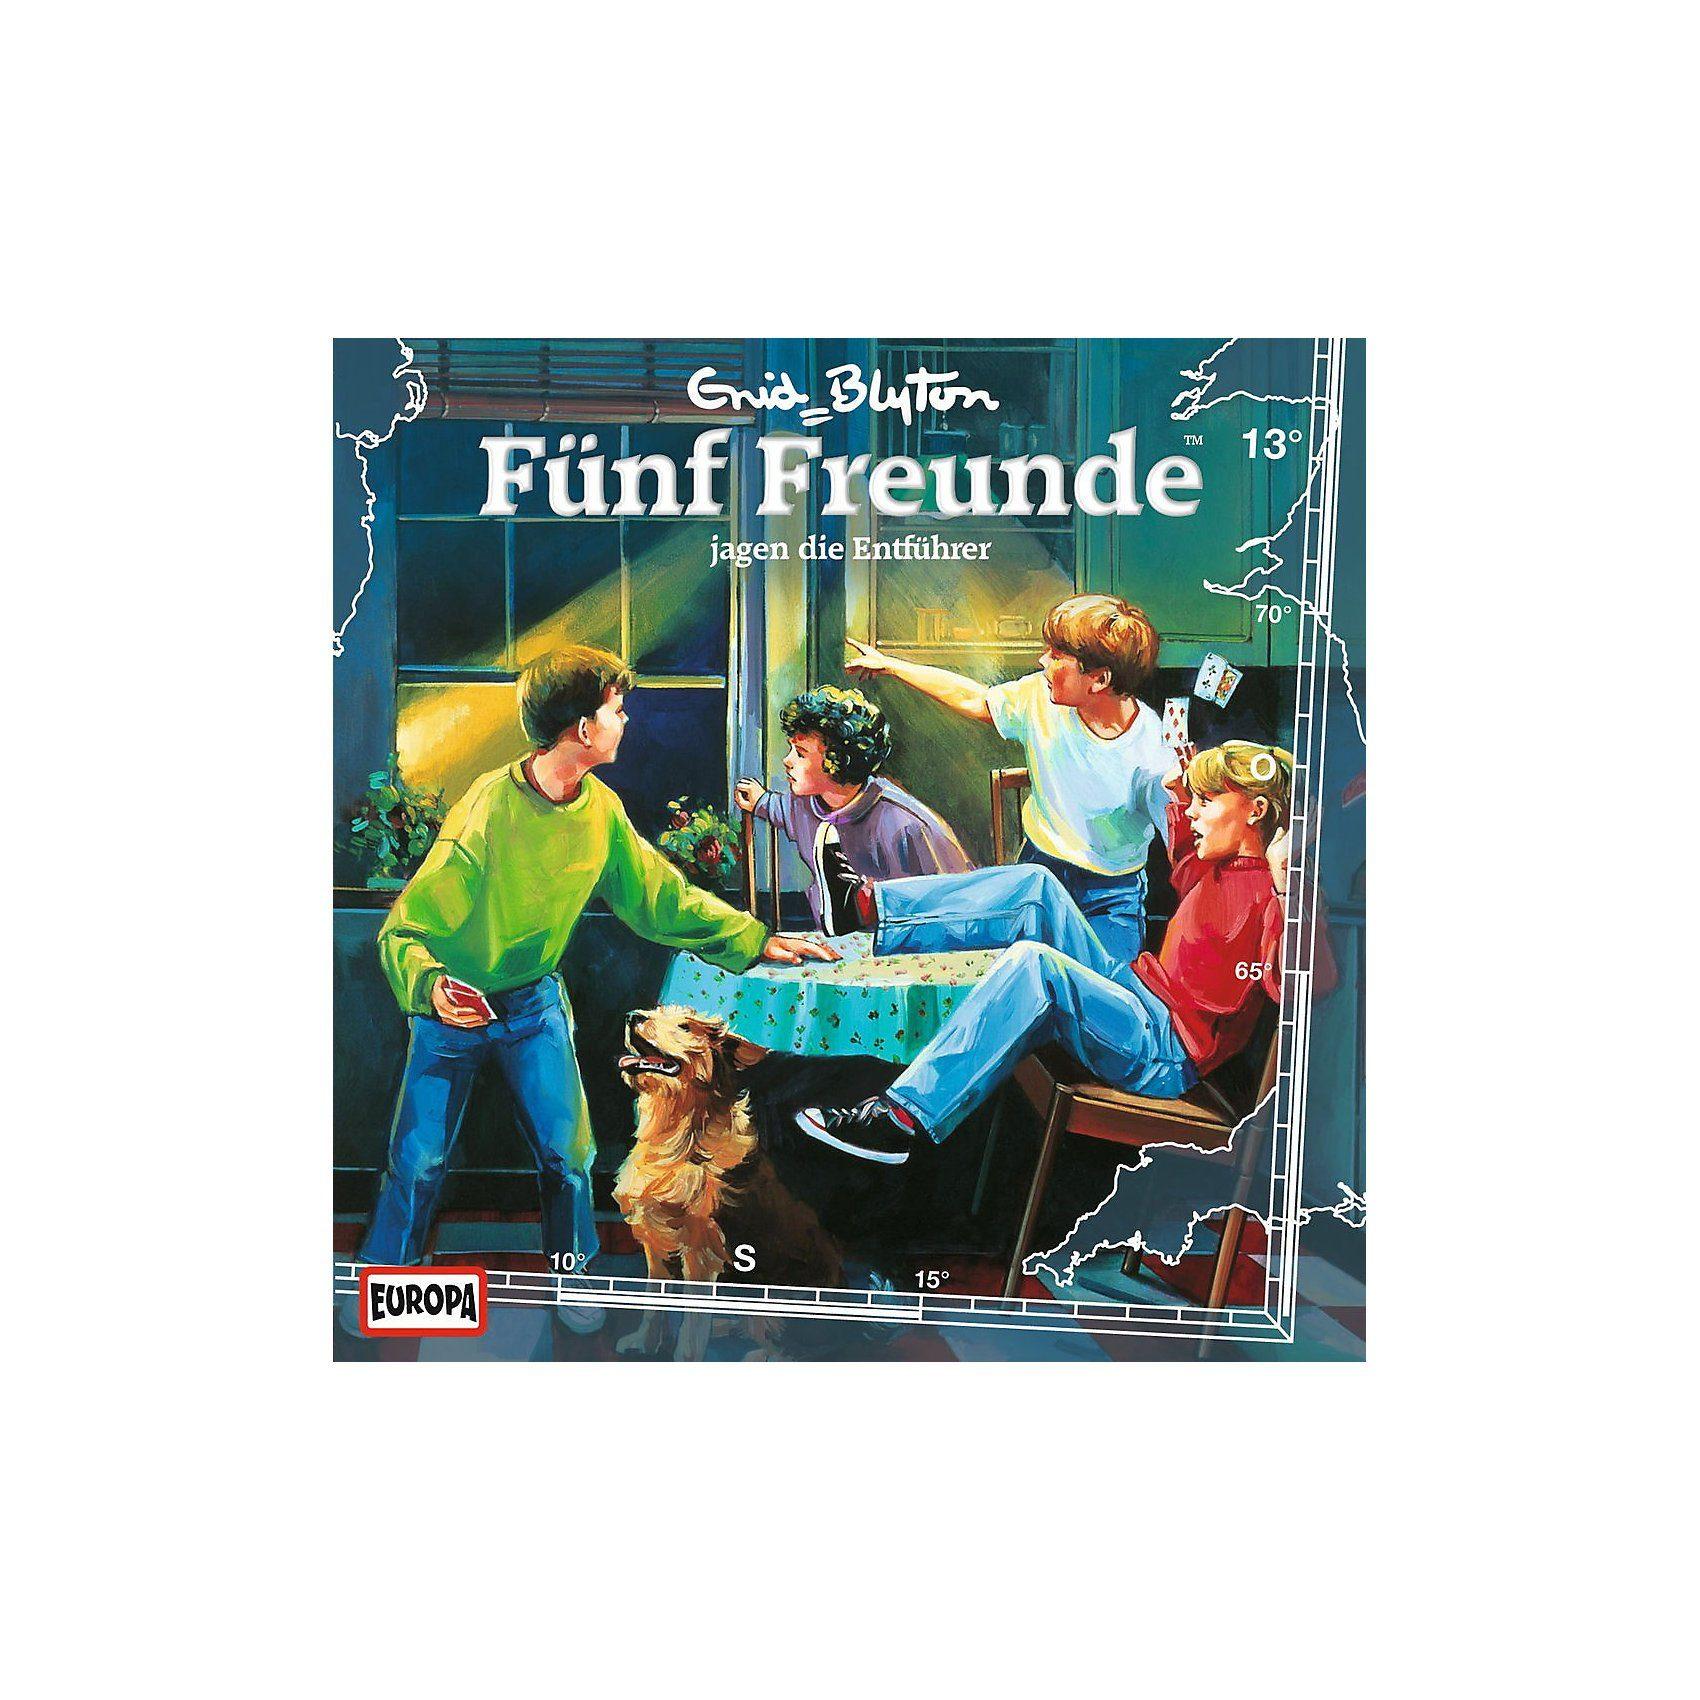 Sony CD Fünf Freunde 013/jagen die Entführer